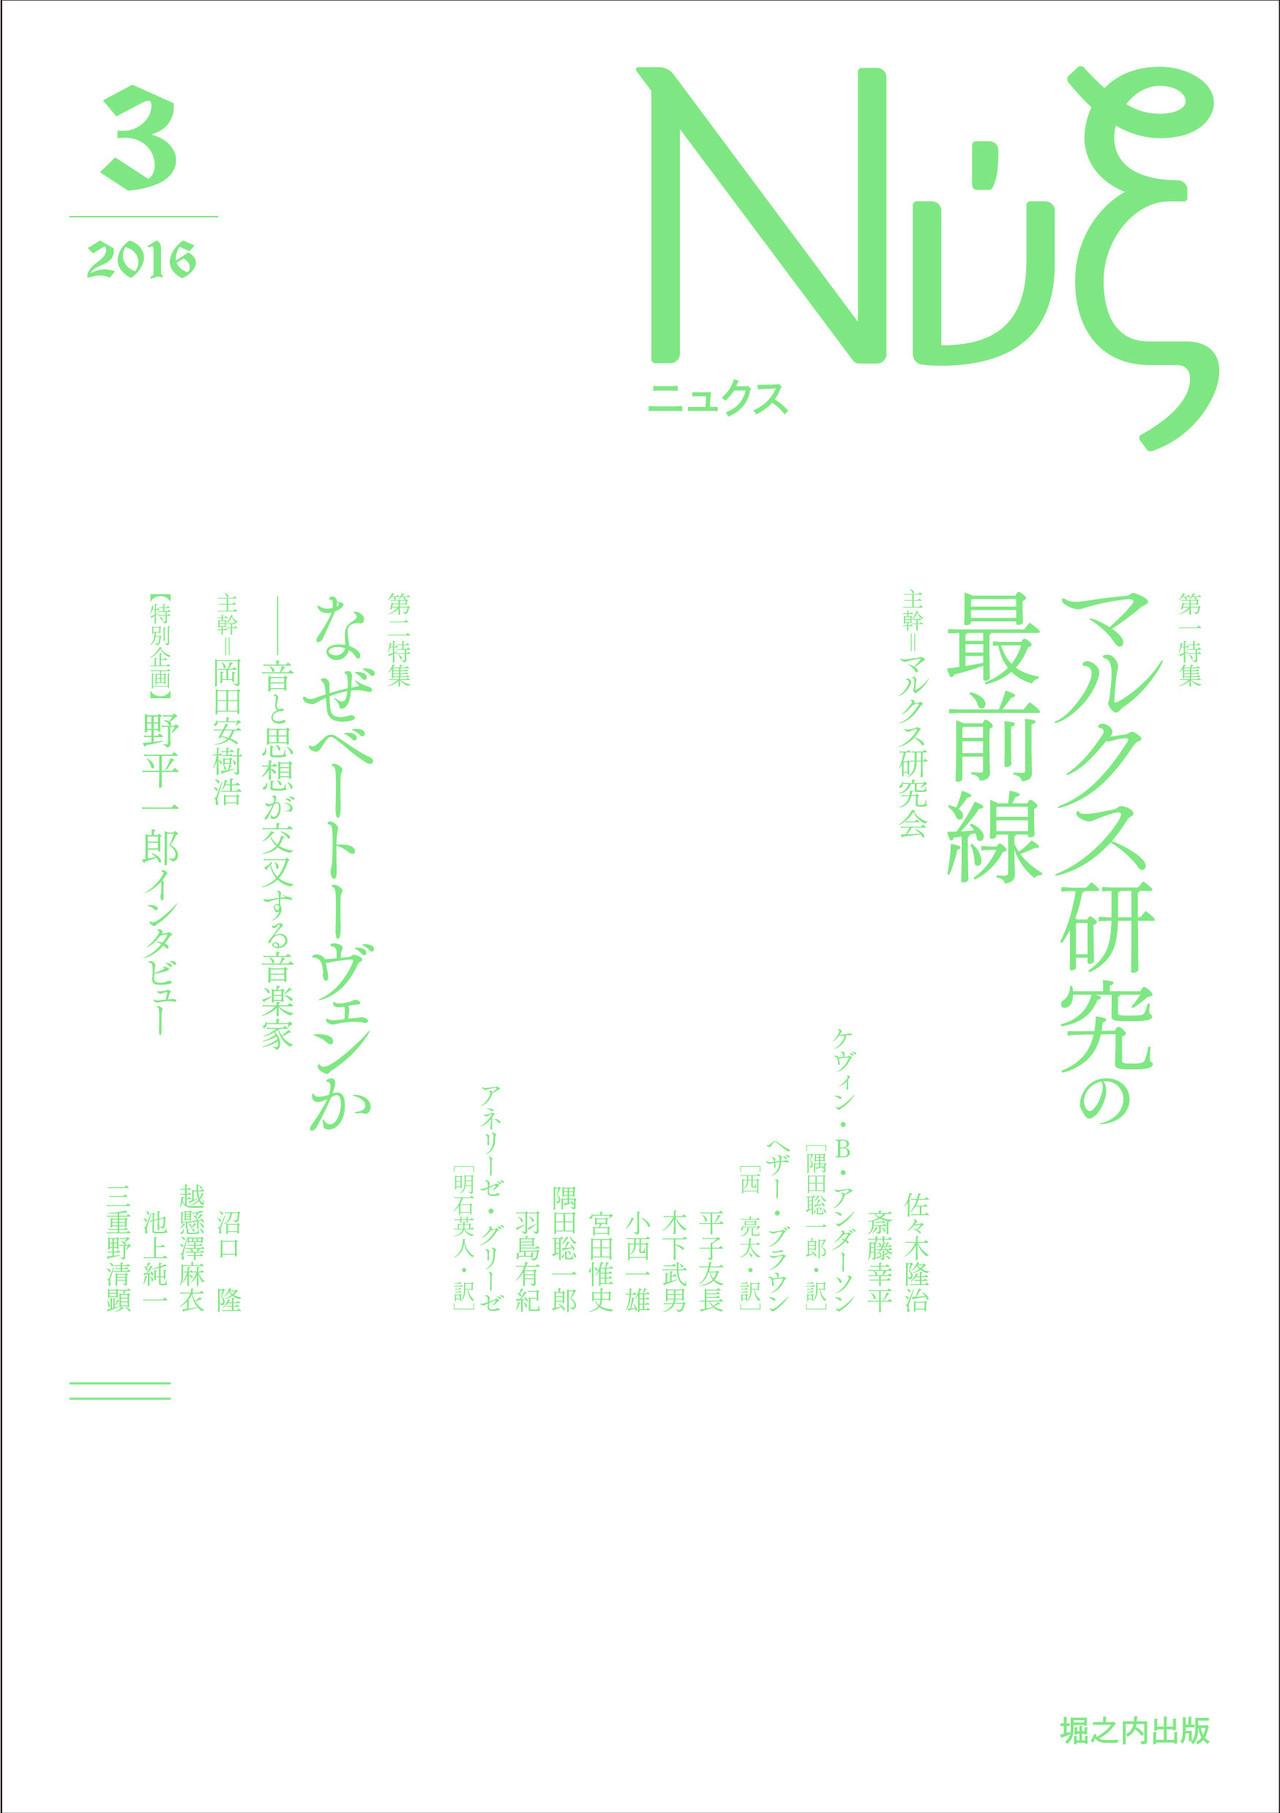 『nyx』第3号第1特集「マルクス主義からマルクスへ」合評会が開催されました